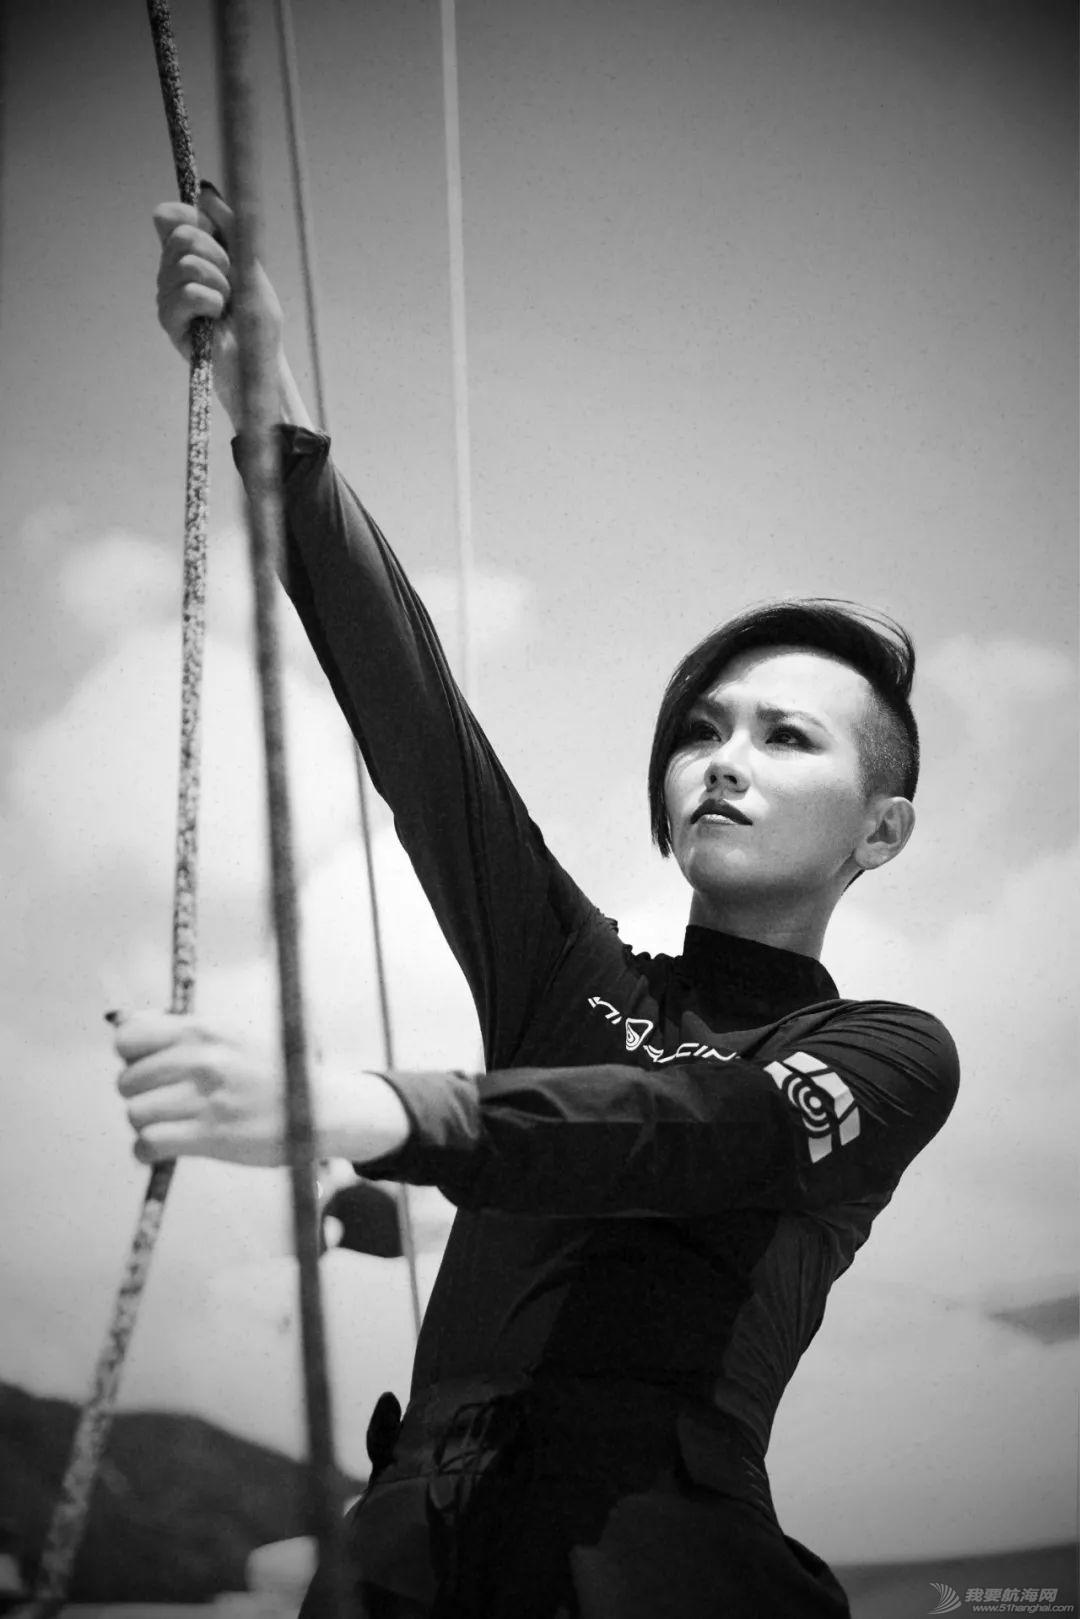 帆船圈性感荷官:女水手的起源w3.jpg